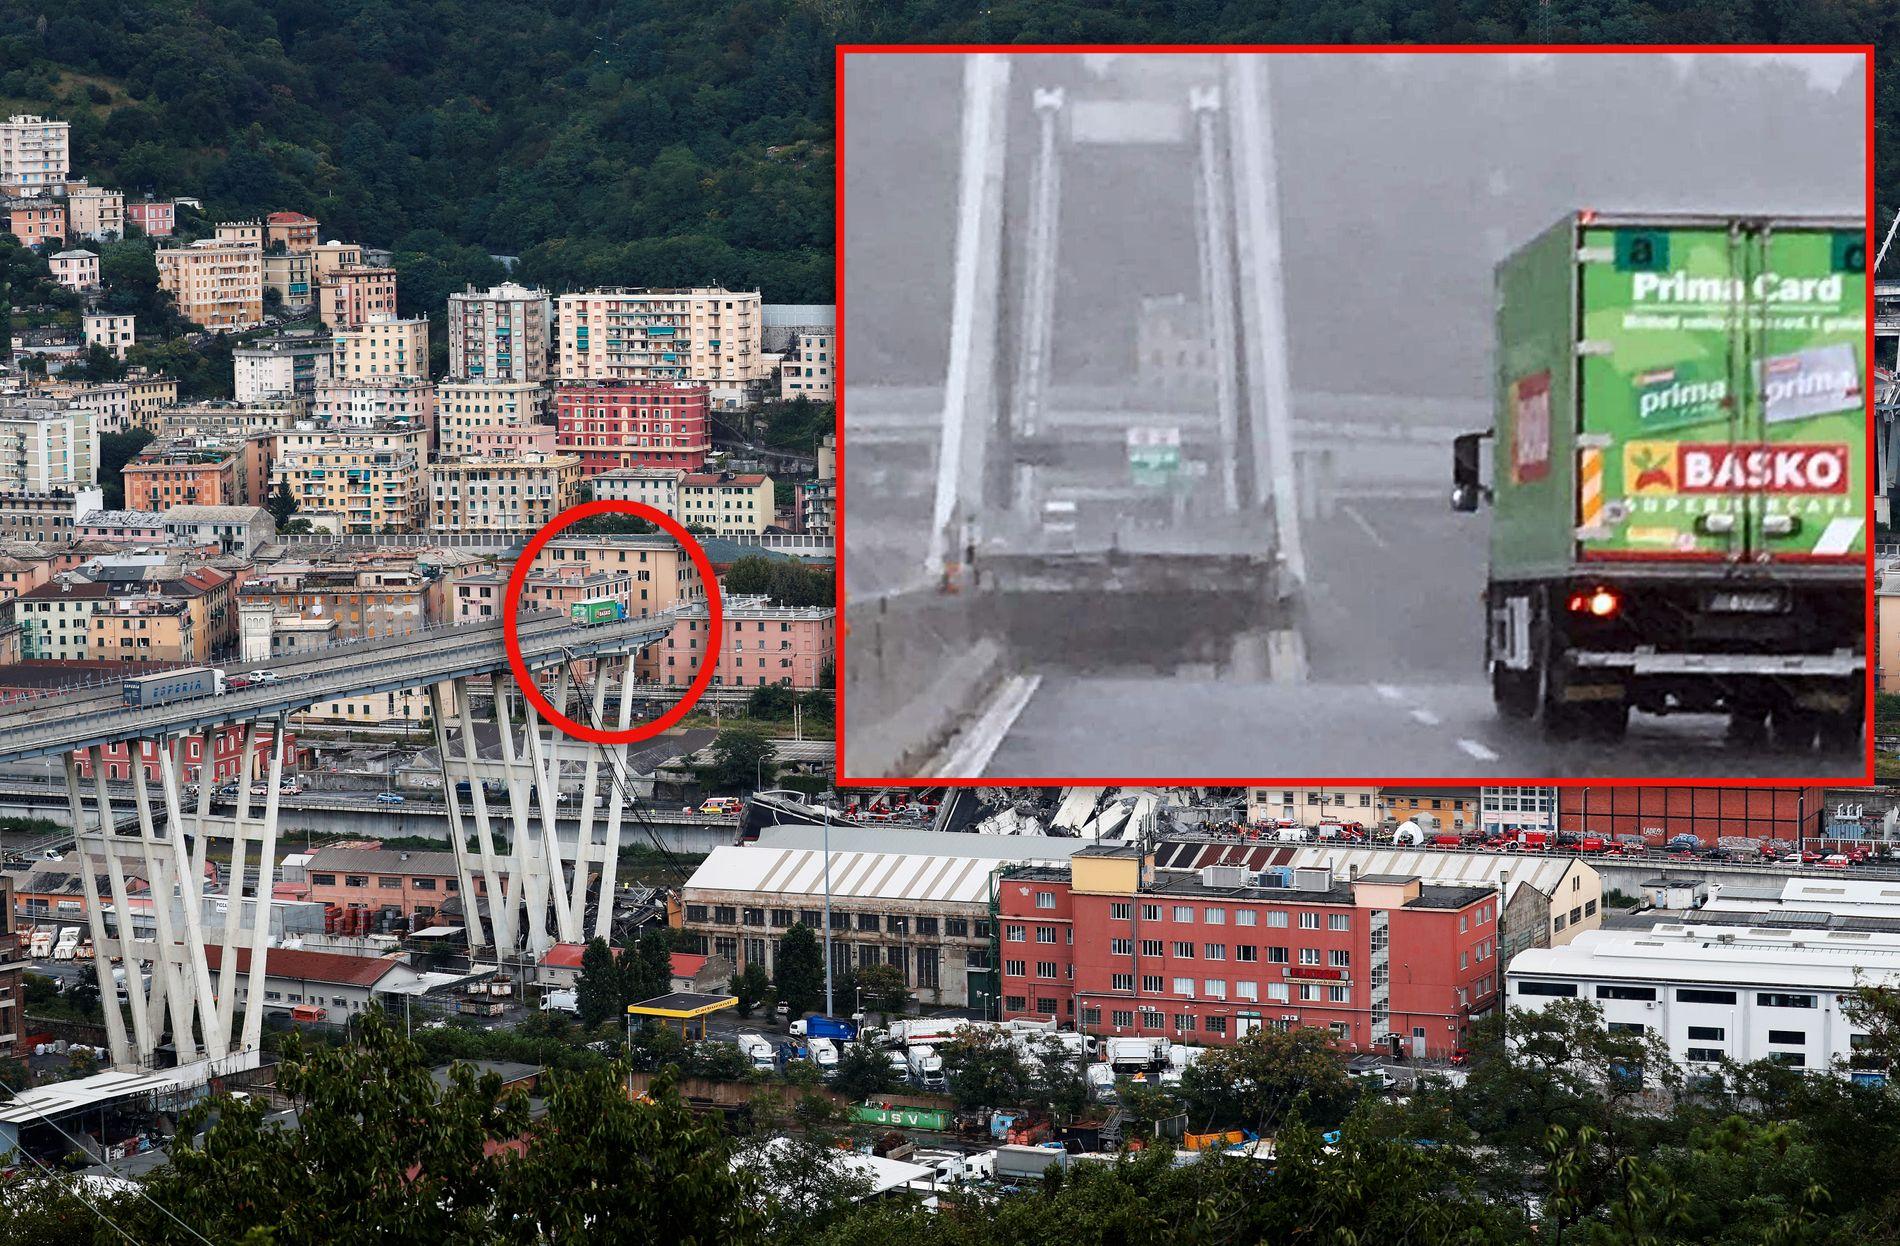 ENGLEVAKT: Det var ikke mange meter som skilte fronten på den lastebilen og delen av broen som kollapset.